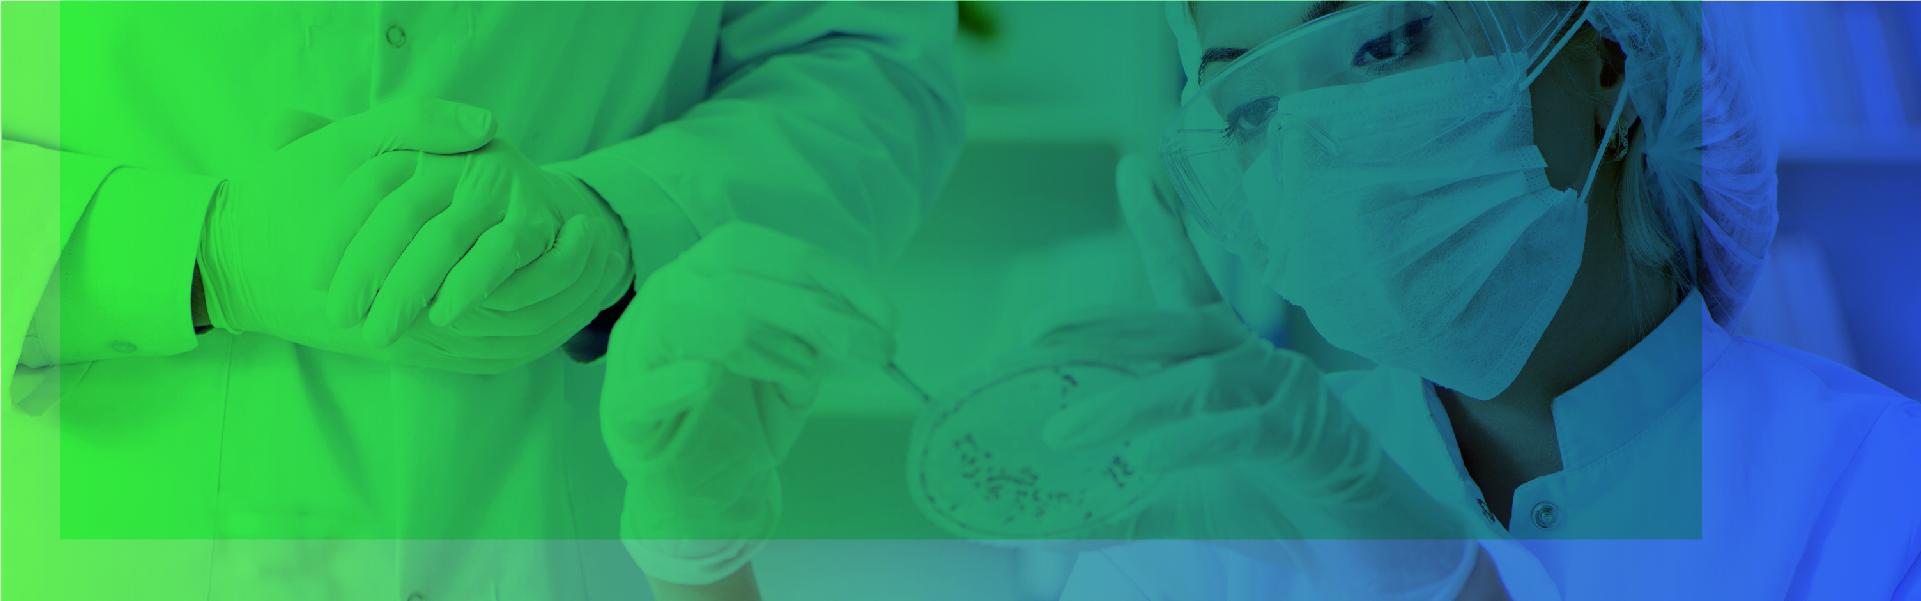 Farmácia Oncológica: Manipulação e Serviços Clínicos